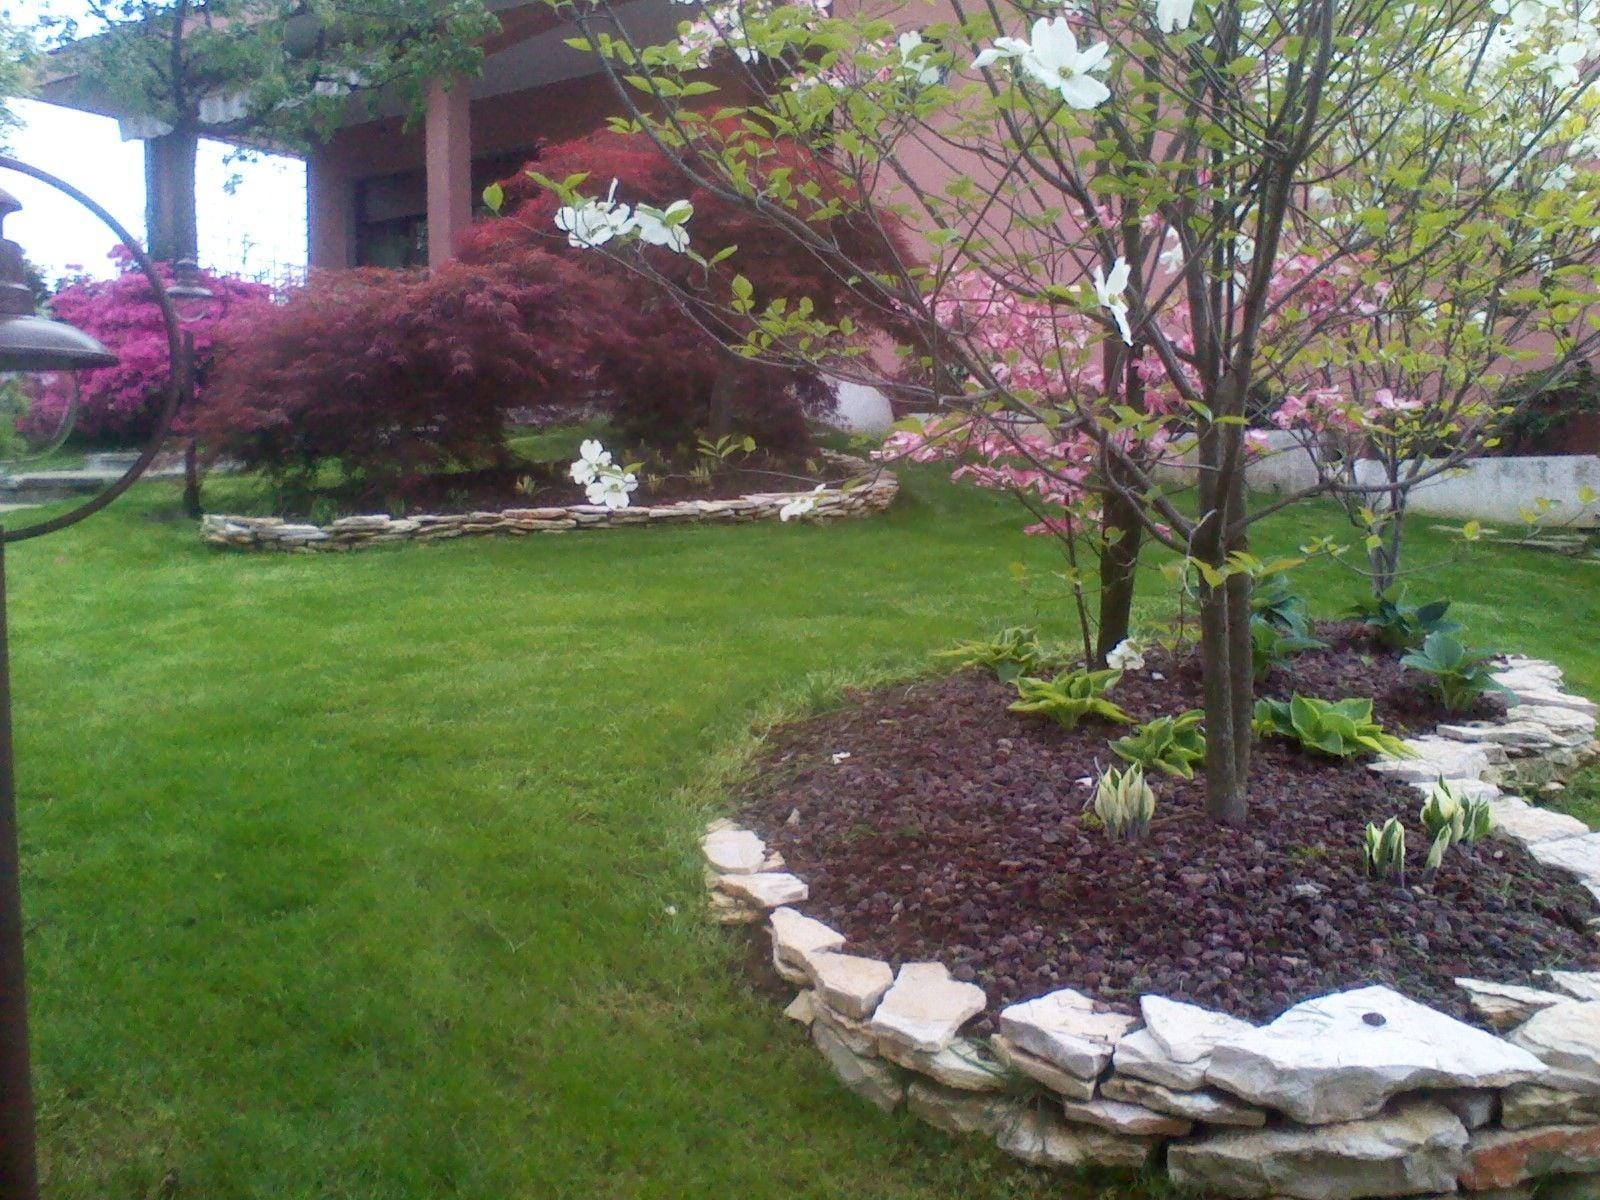 Giardini Moderni Borgomanero : I migliori 39 servizi di giardinaggio a borgomanero con preventivi